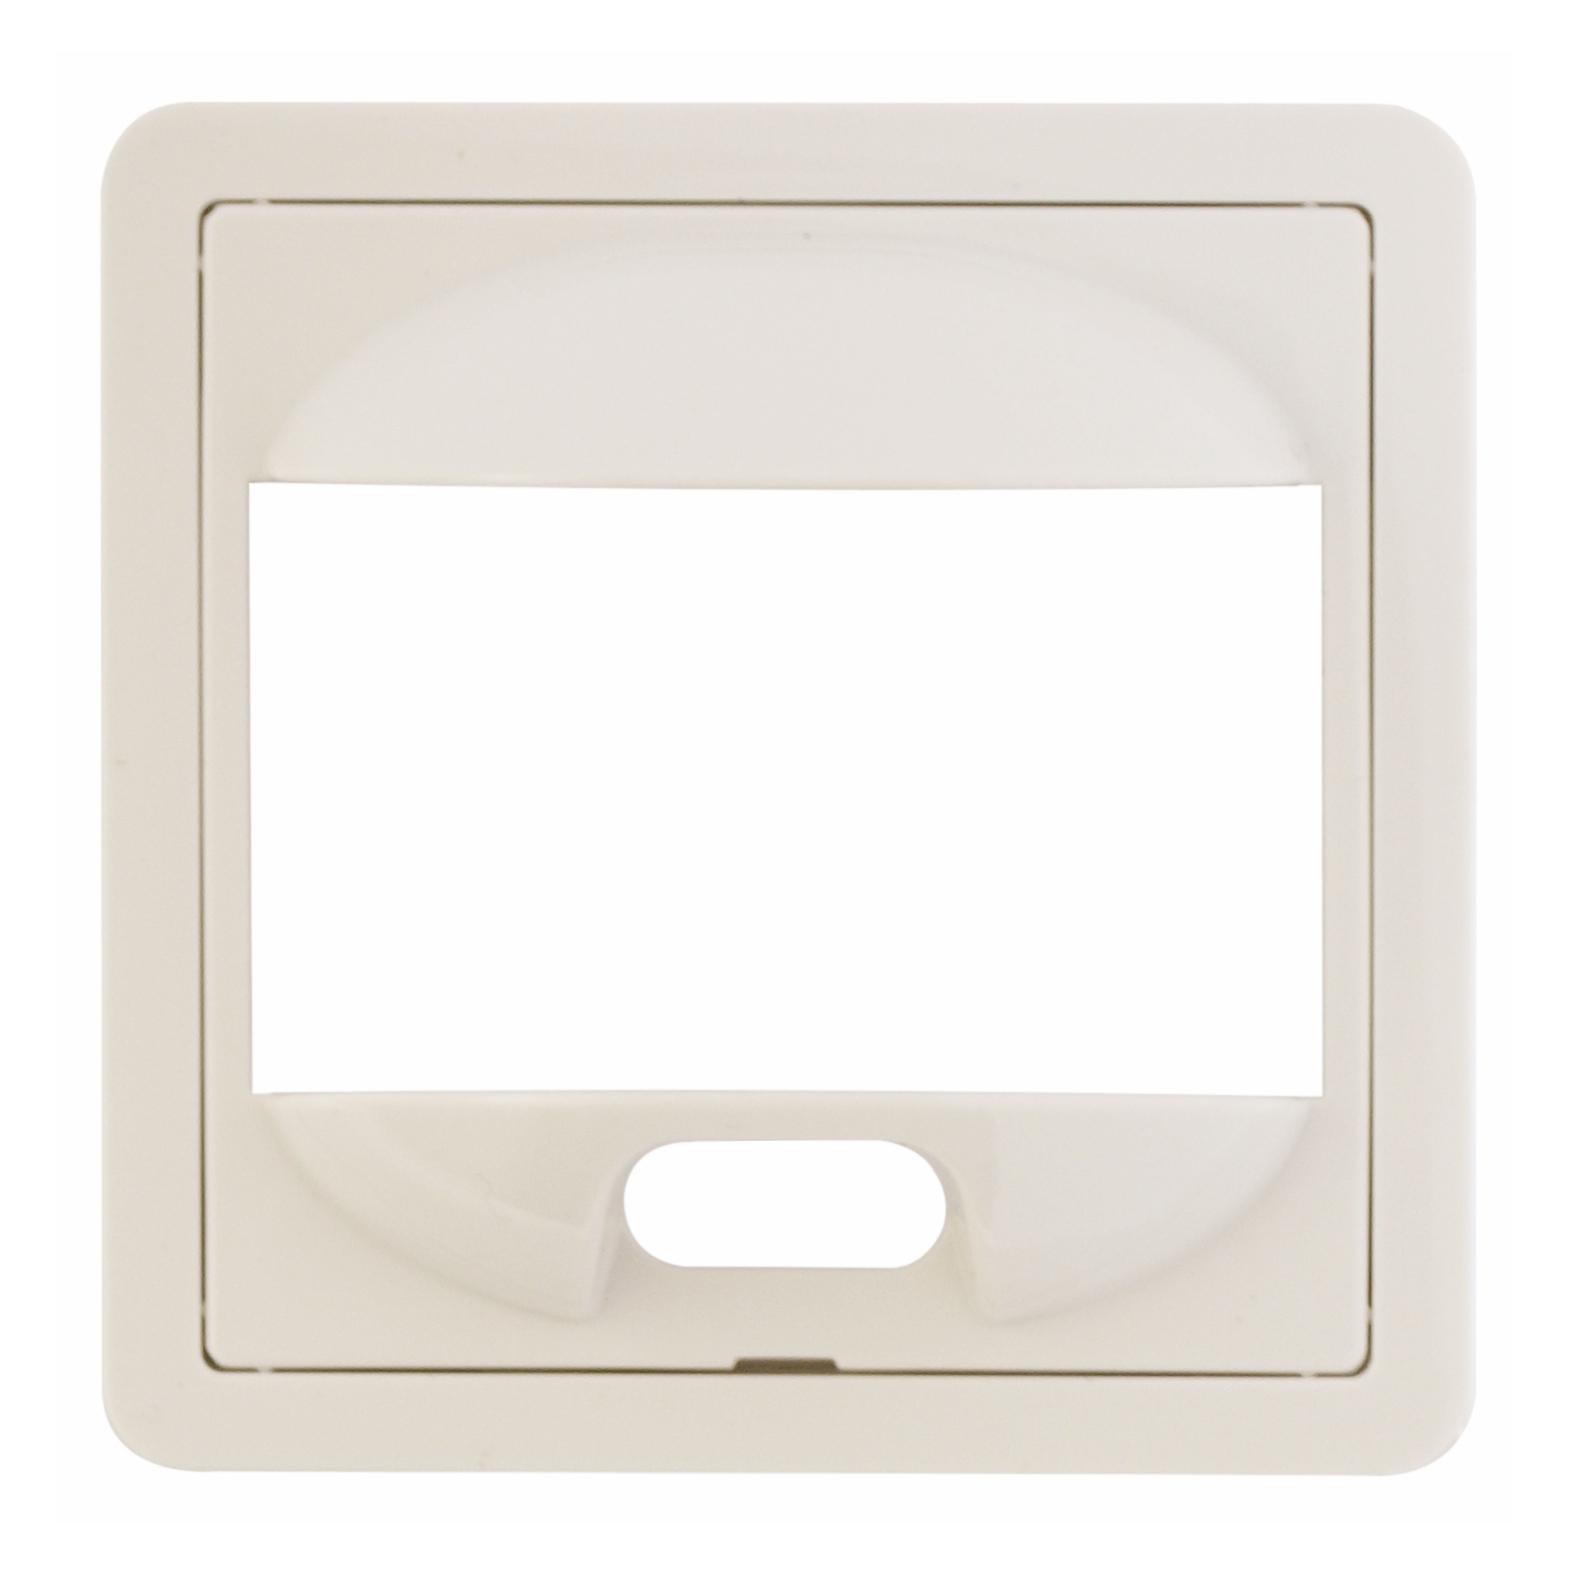 1 Stk Zentralplatte für PIR-Bewegungsmelder, F/S/R, reinweiß EL227084--